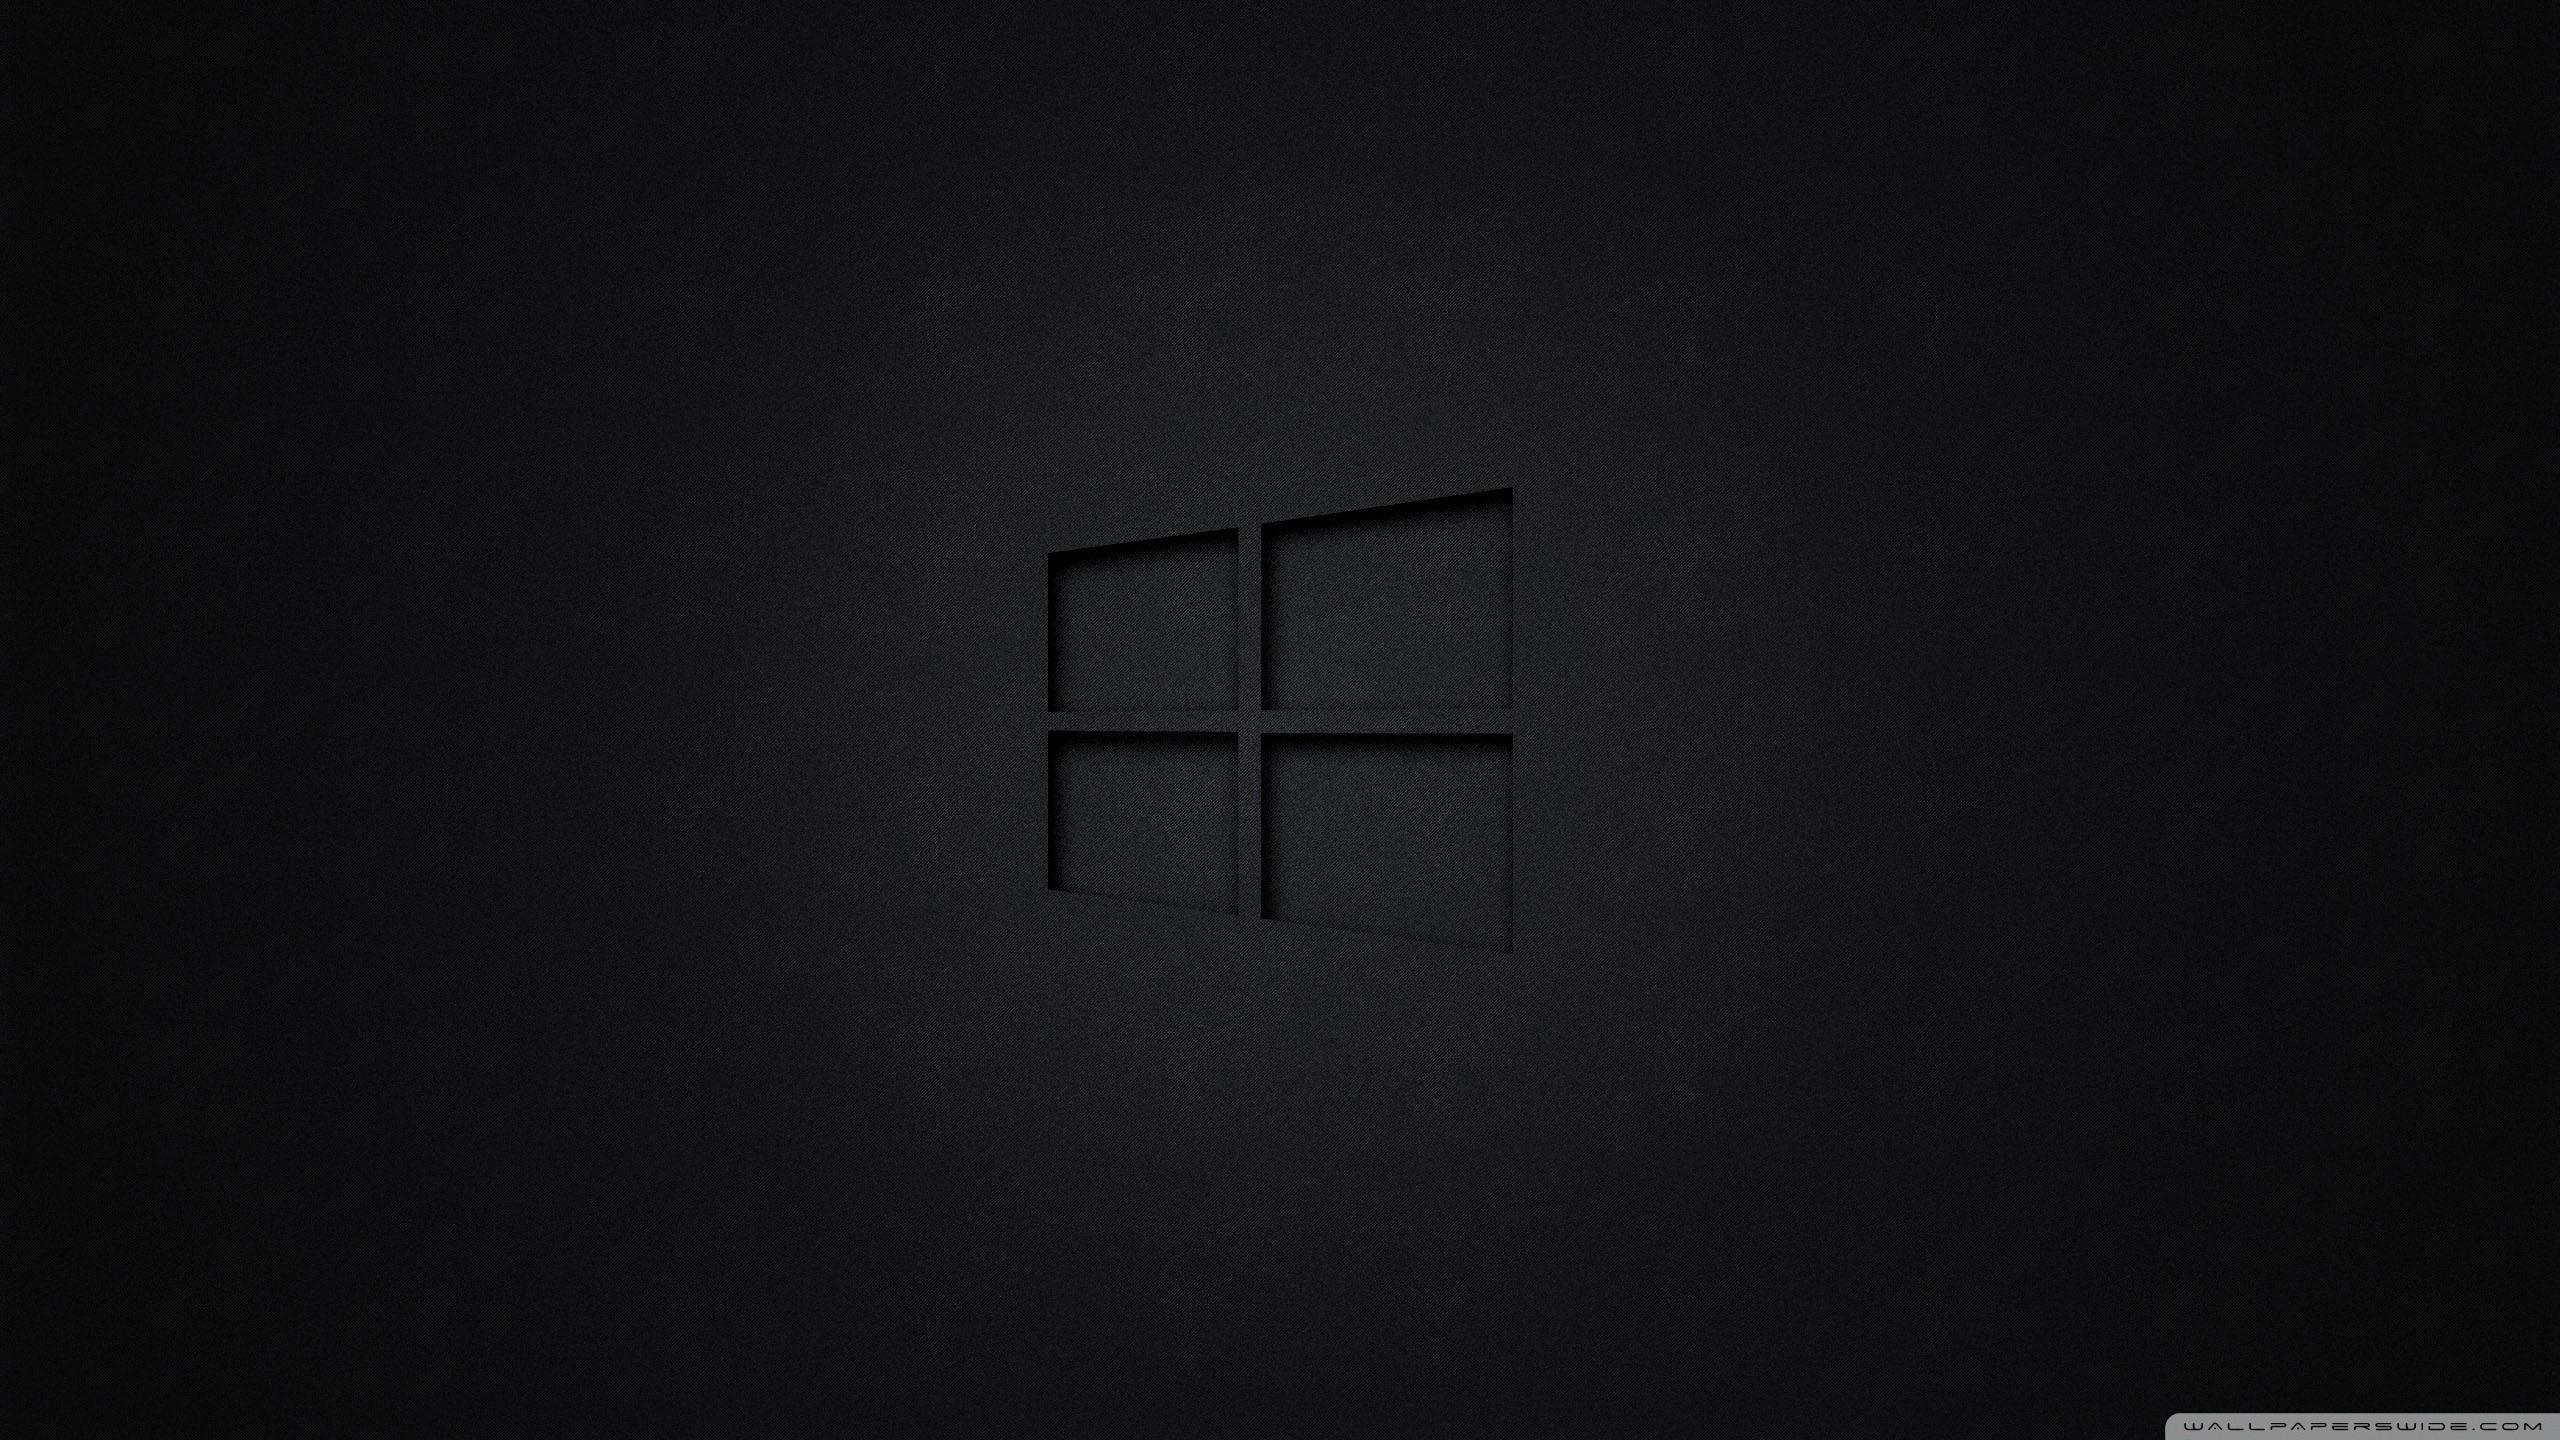 hd desktop wallpapers windows 10 (80+ images)